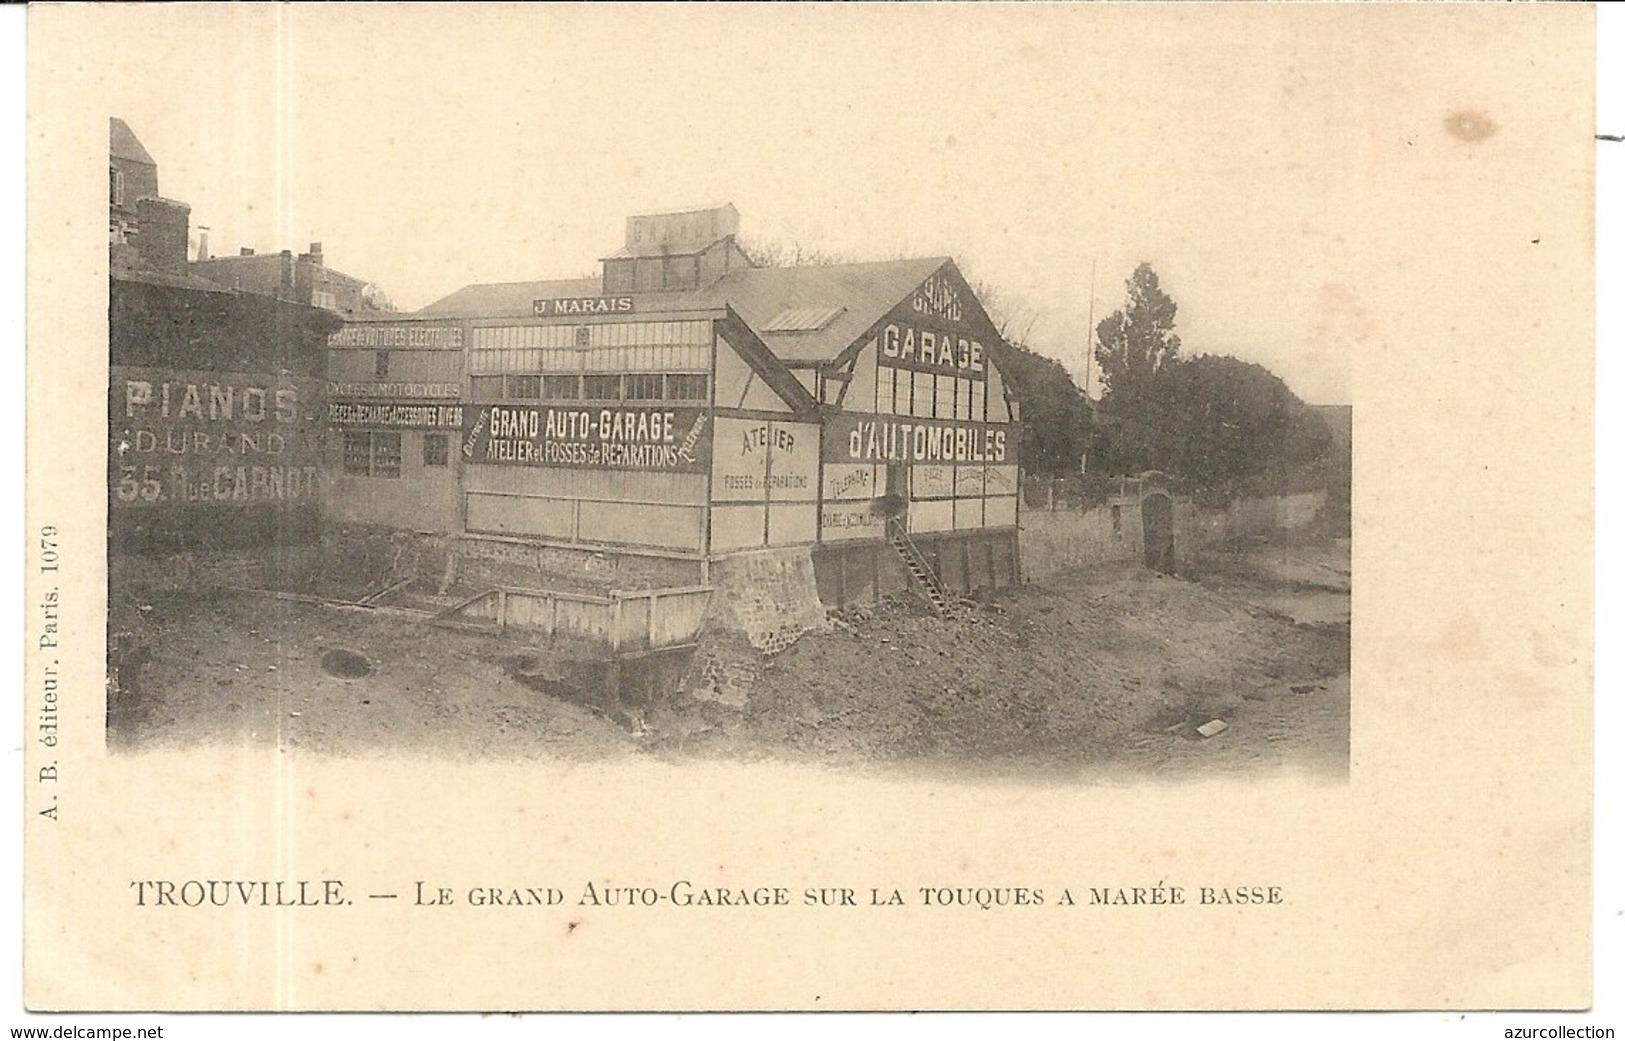 LE GRAND AUTO GARAGE SUR LA TOUQUE - Trouville